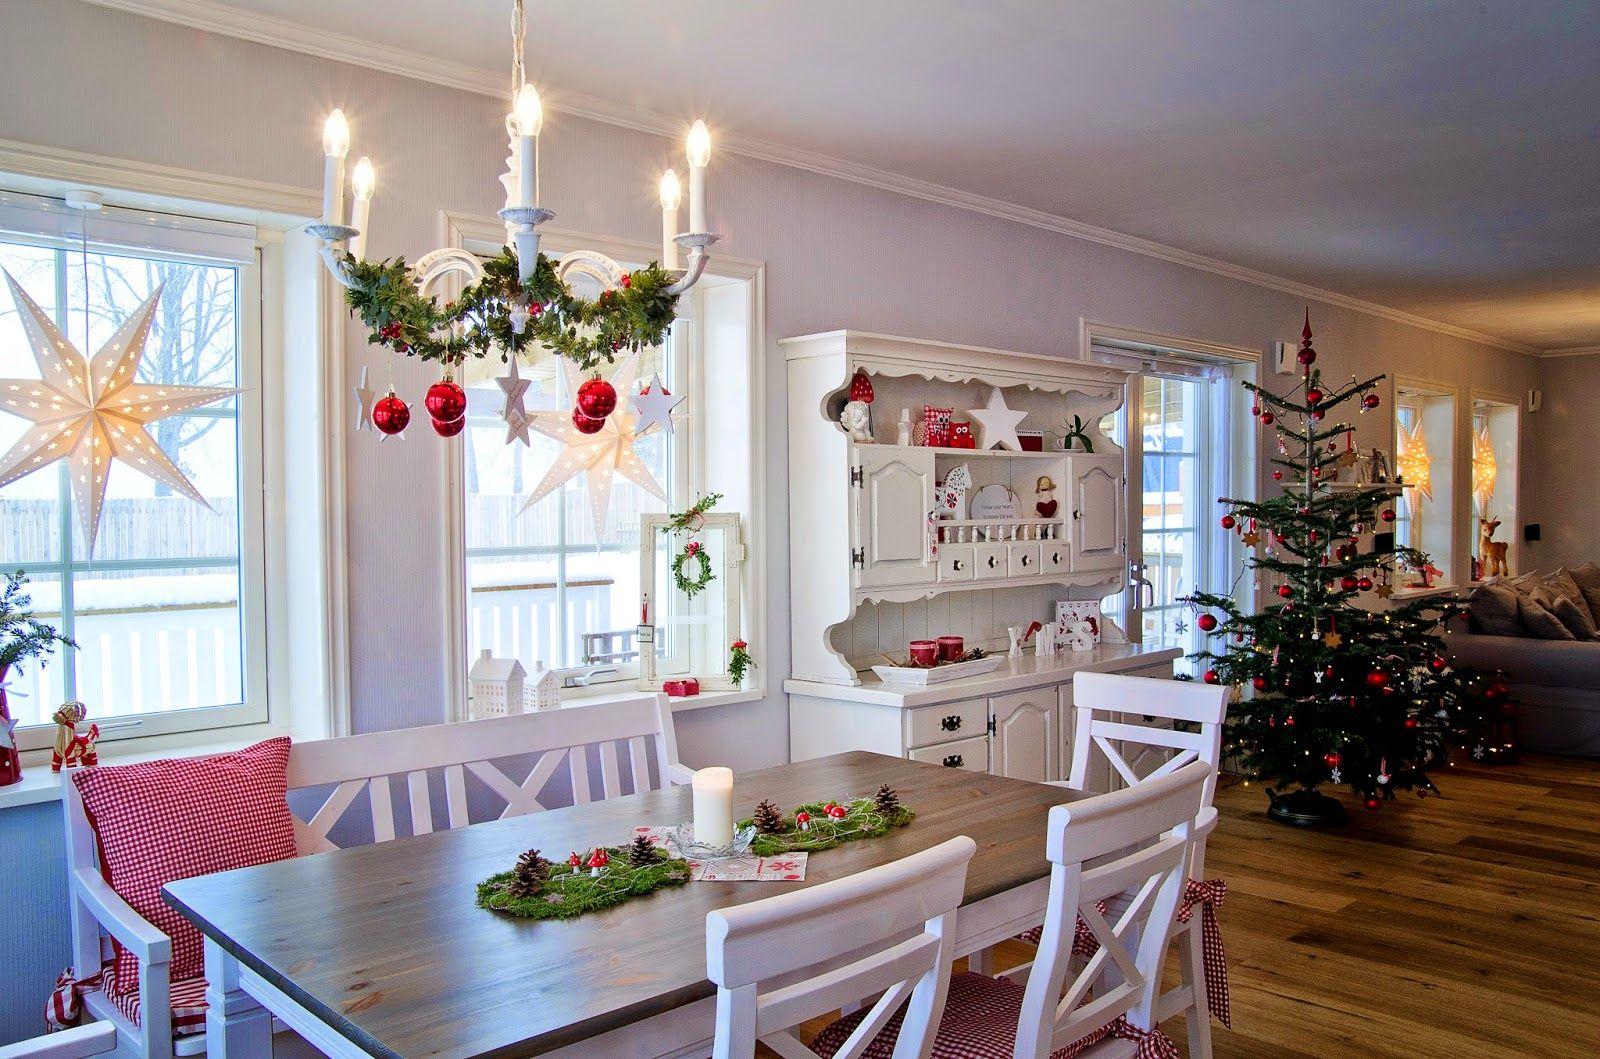 kleine lotta unser schwedenhaus dream pinterest. Black Bedroom Furniture Sets. Home Design Ideas